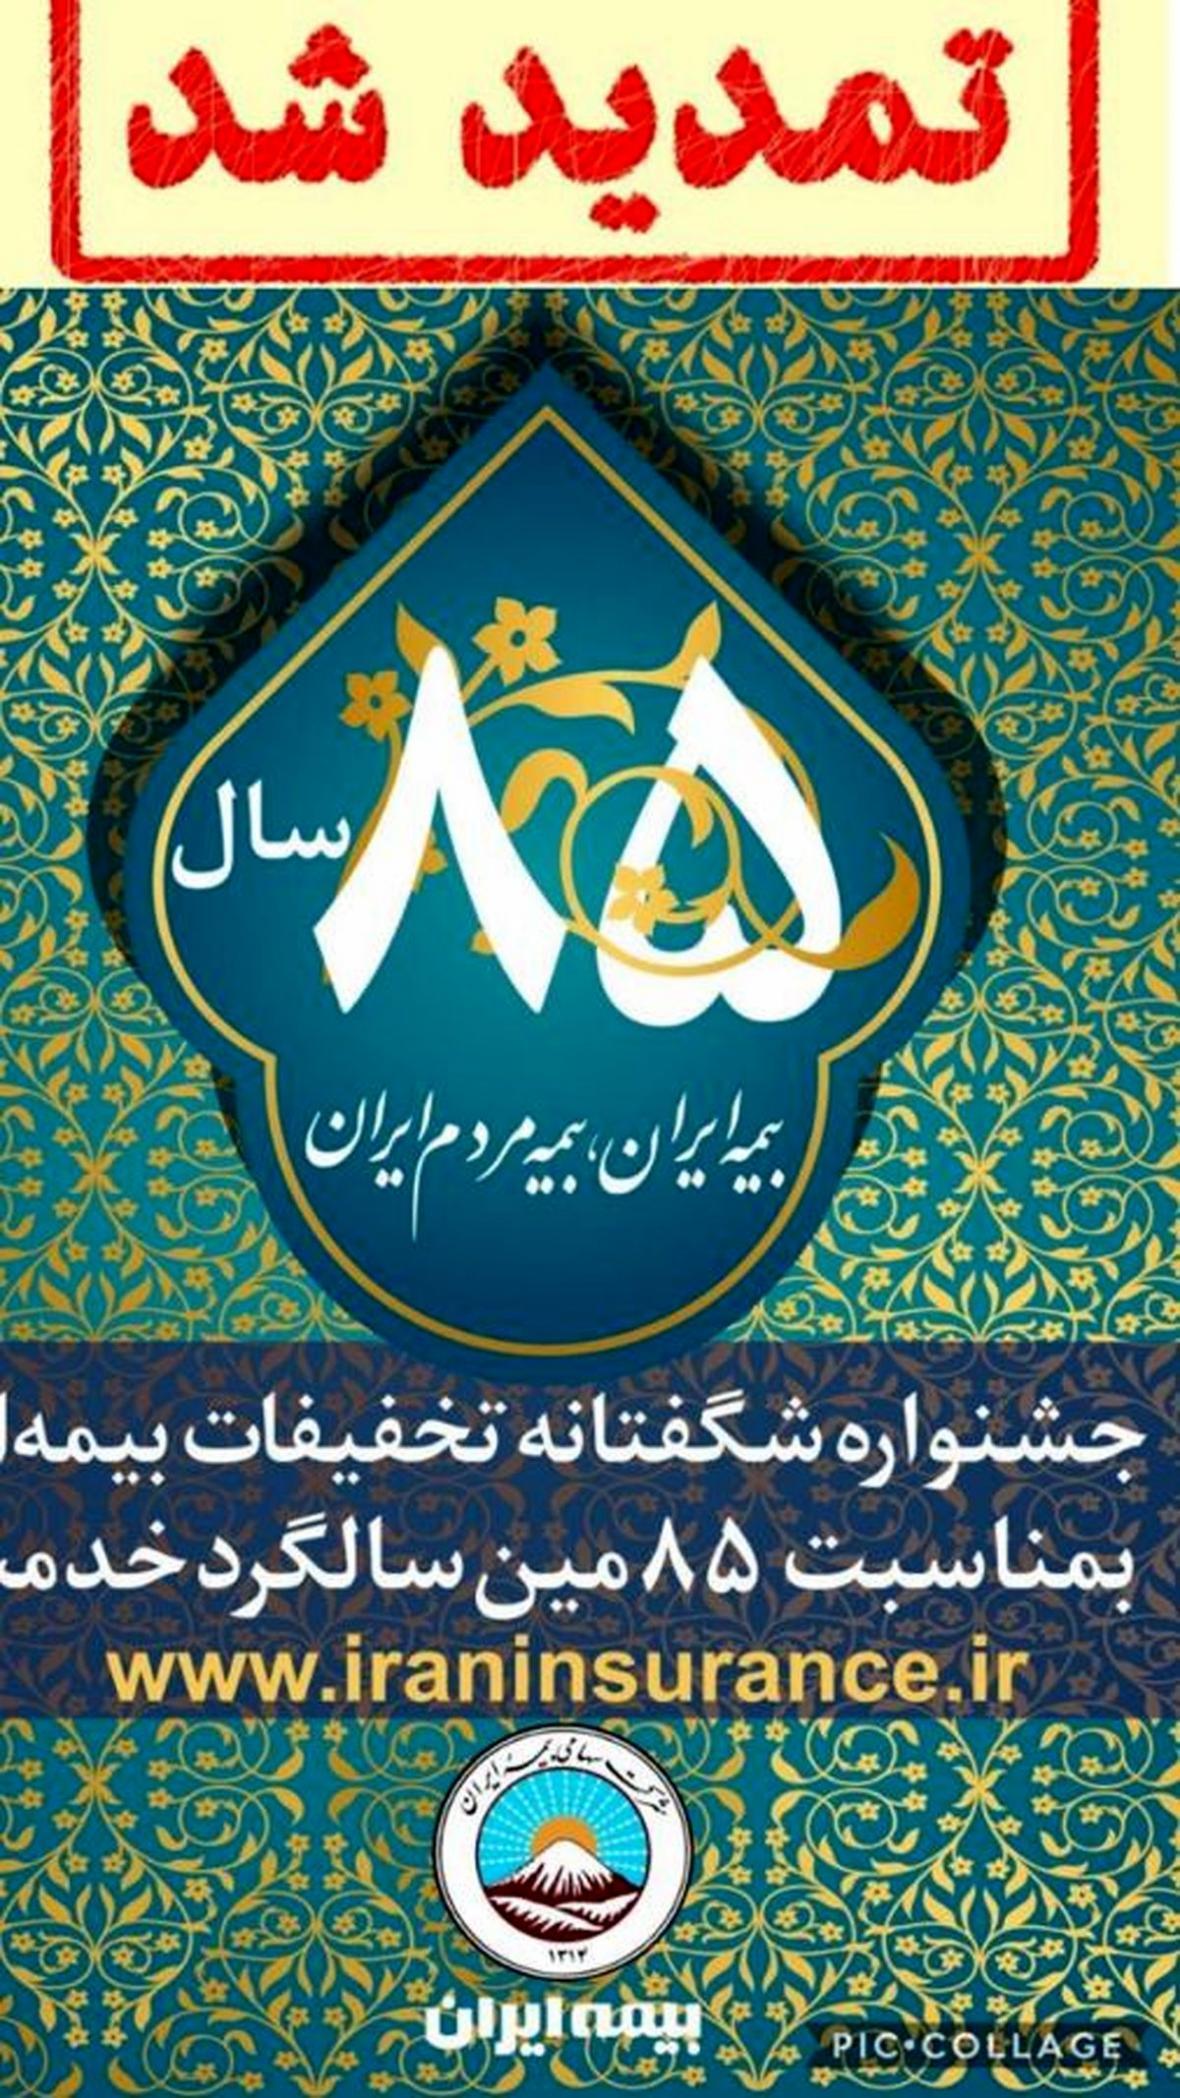 تمدید مهلت استفاده از تخفیفات بیمه ای در جشنواره فروش بیمه ایران